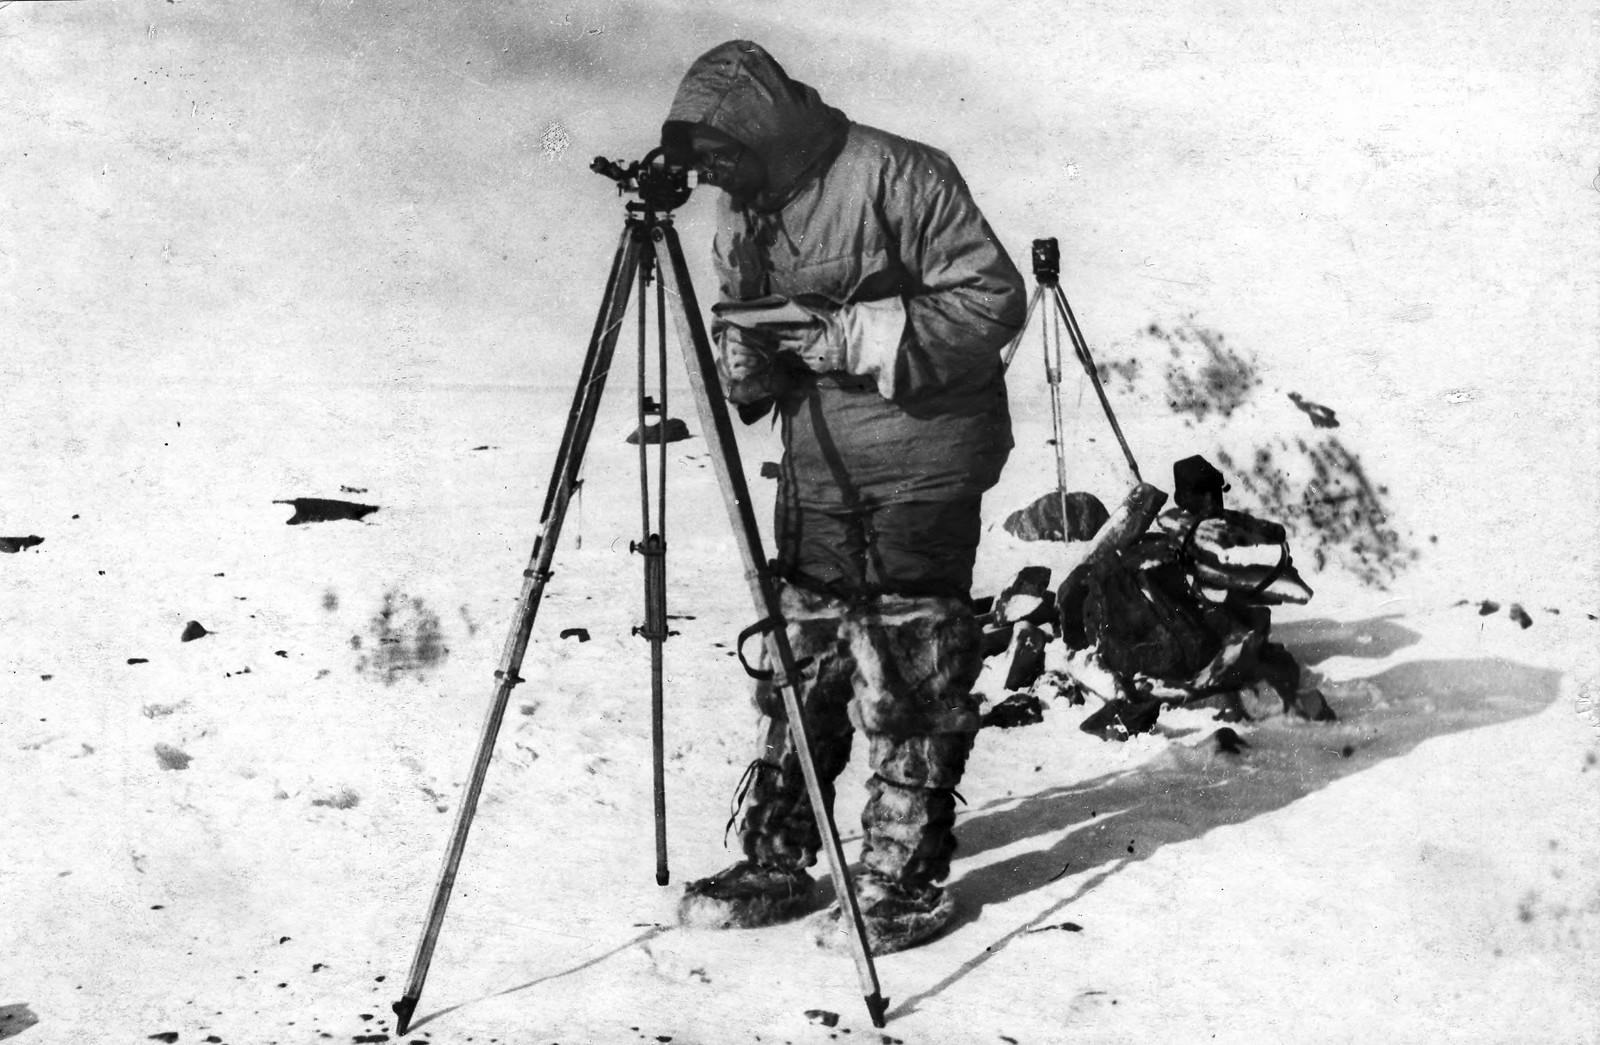 Николай Никоалевич Урванцев определяет астрономический пункт.